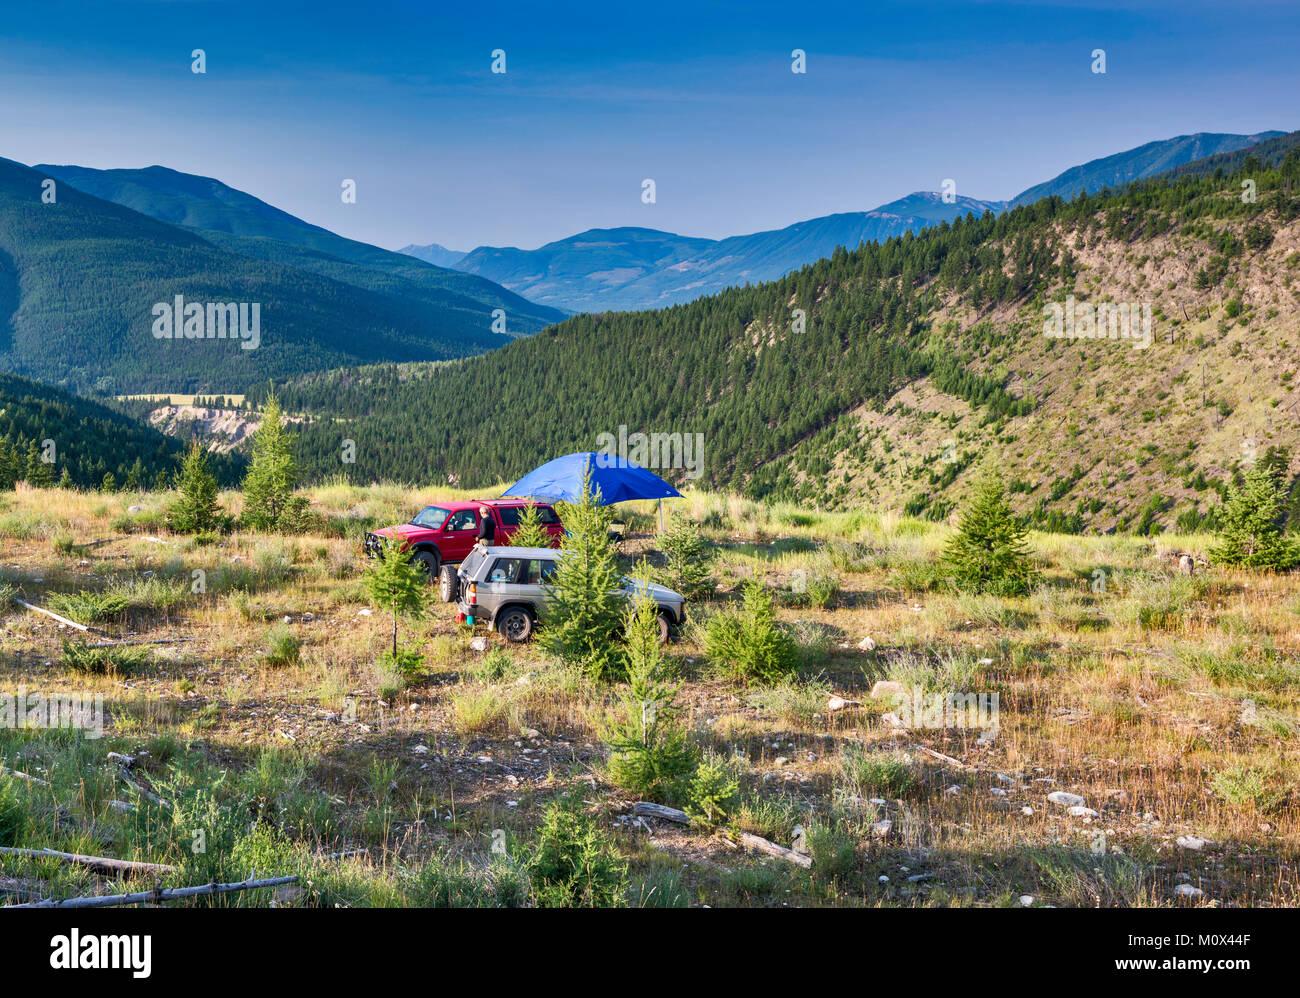 Camping à Brewer Creek Forest Service Road, Purcell, près d'Invermere, en Colombie-Britannique, Canada Photo Stock